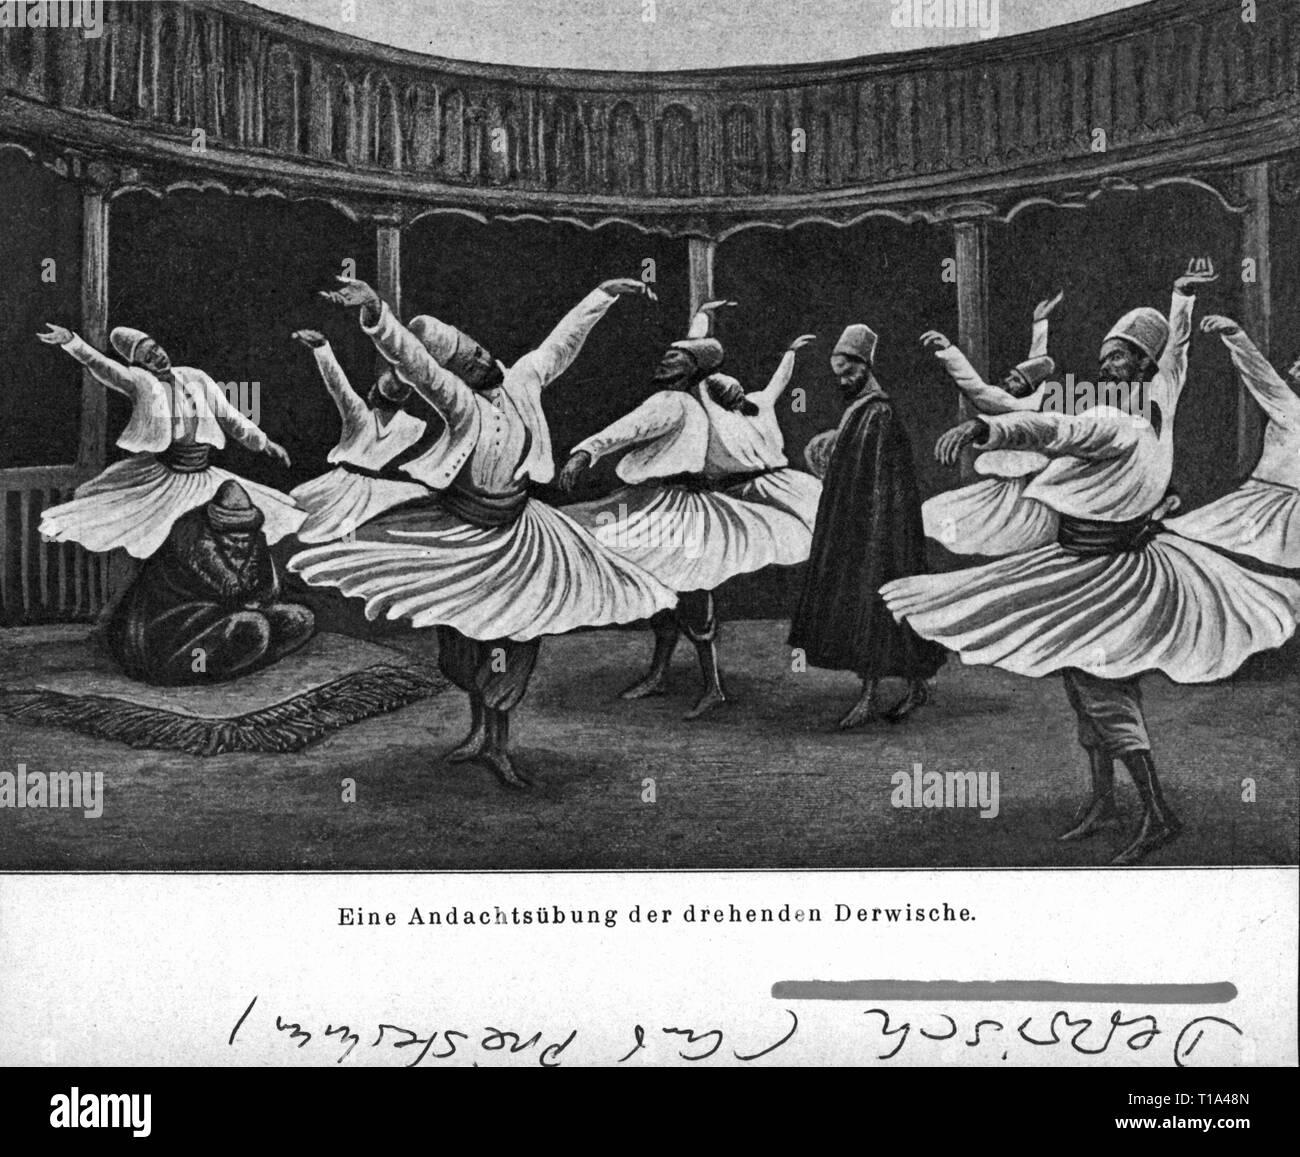 La religione islam, dervisci durante la preghiera, circa 1900, Additional-Rights-Clearance-Info-Not-Available Immagini Stock